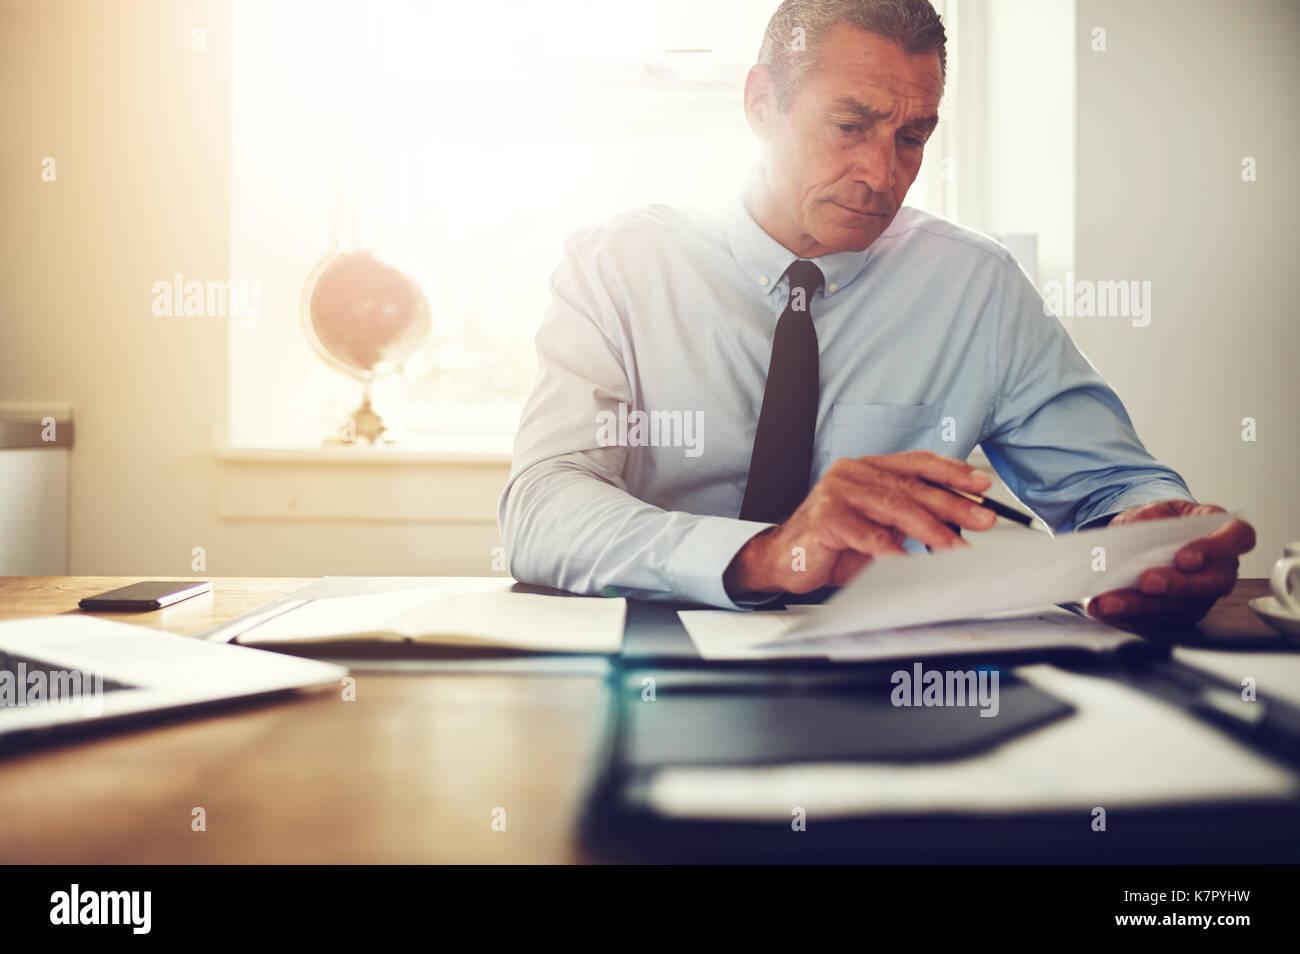 Scrivania Ufficio Avvocato : Focalizzato coppia avvocato solo seduto alla sua scrivania in un